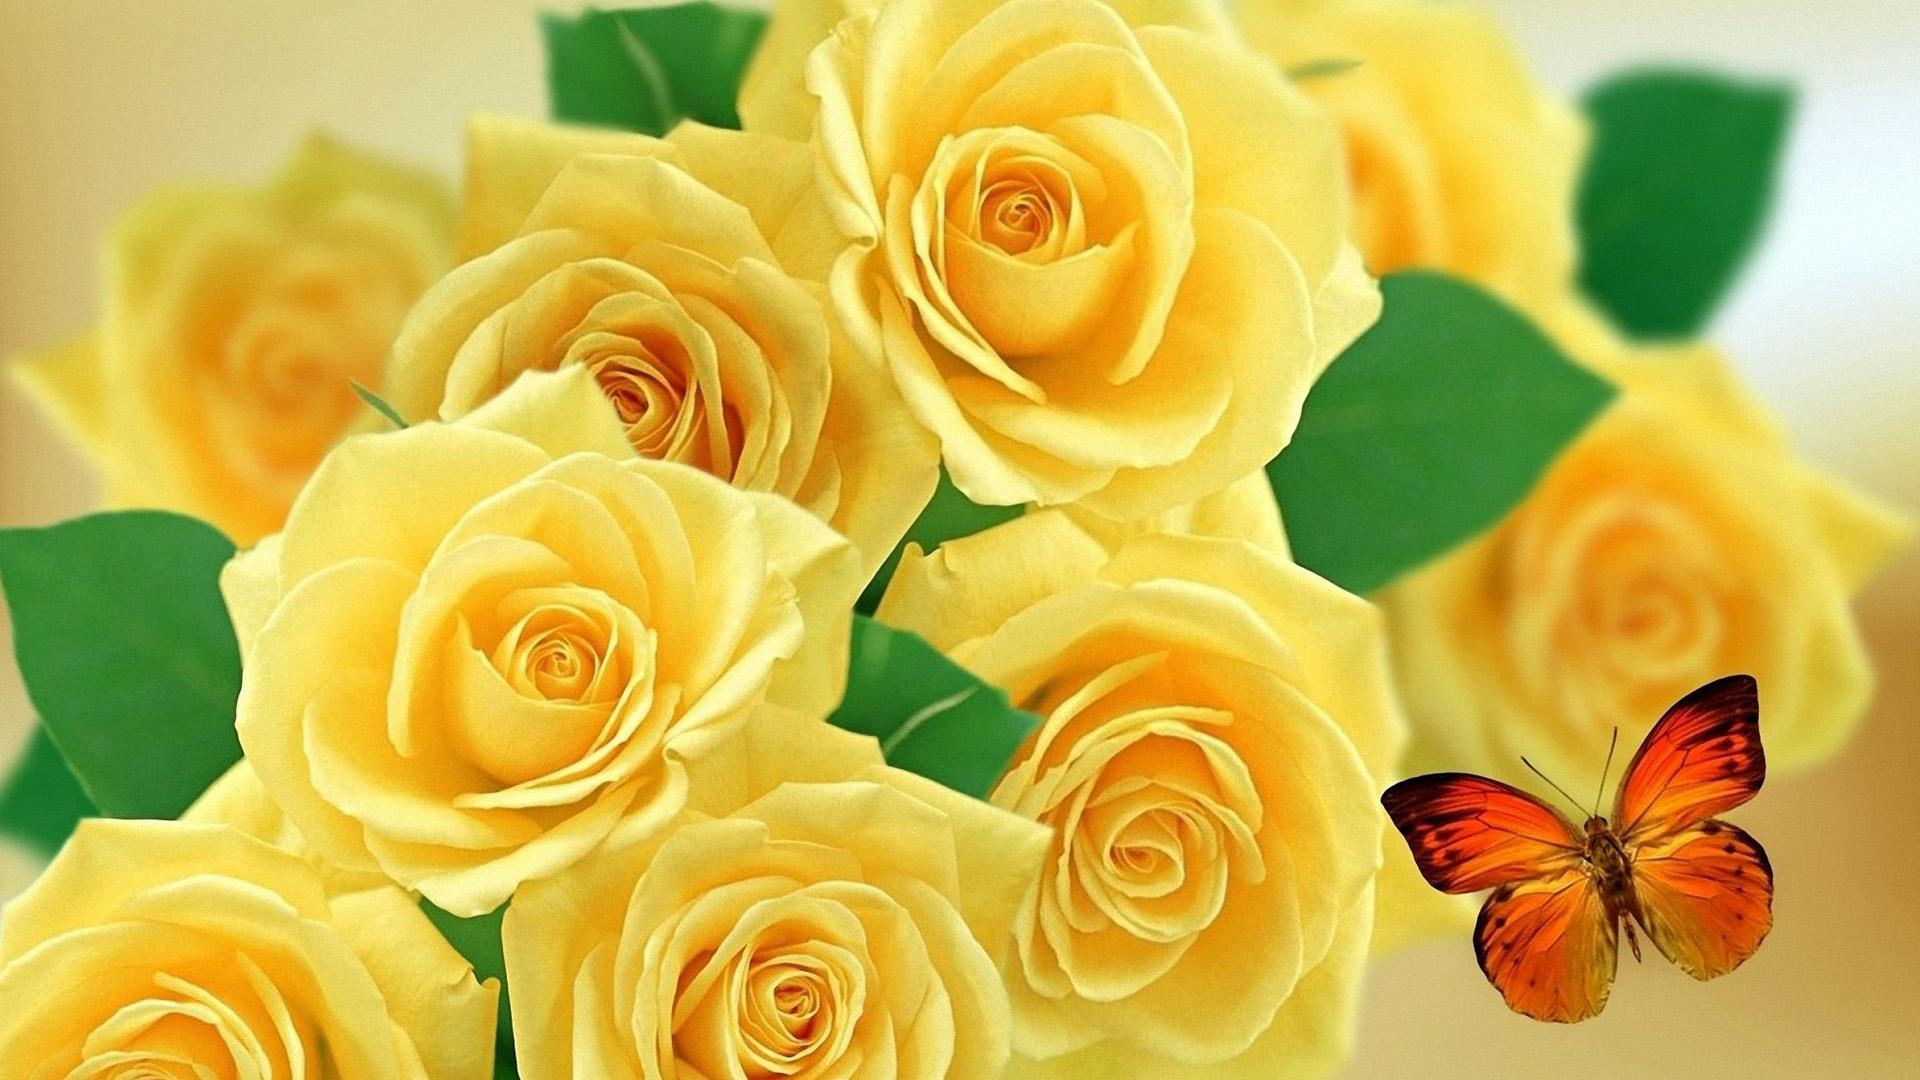 Удивительные картинки на рабочий стол Желтые розы - подборка 2